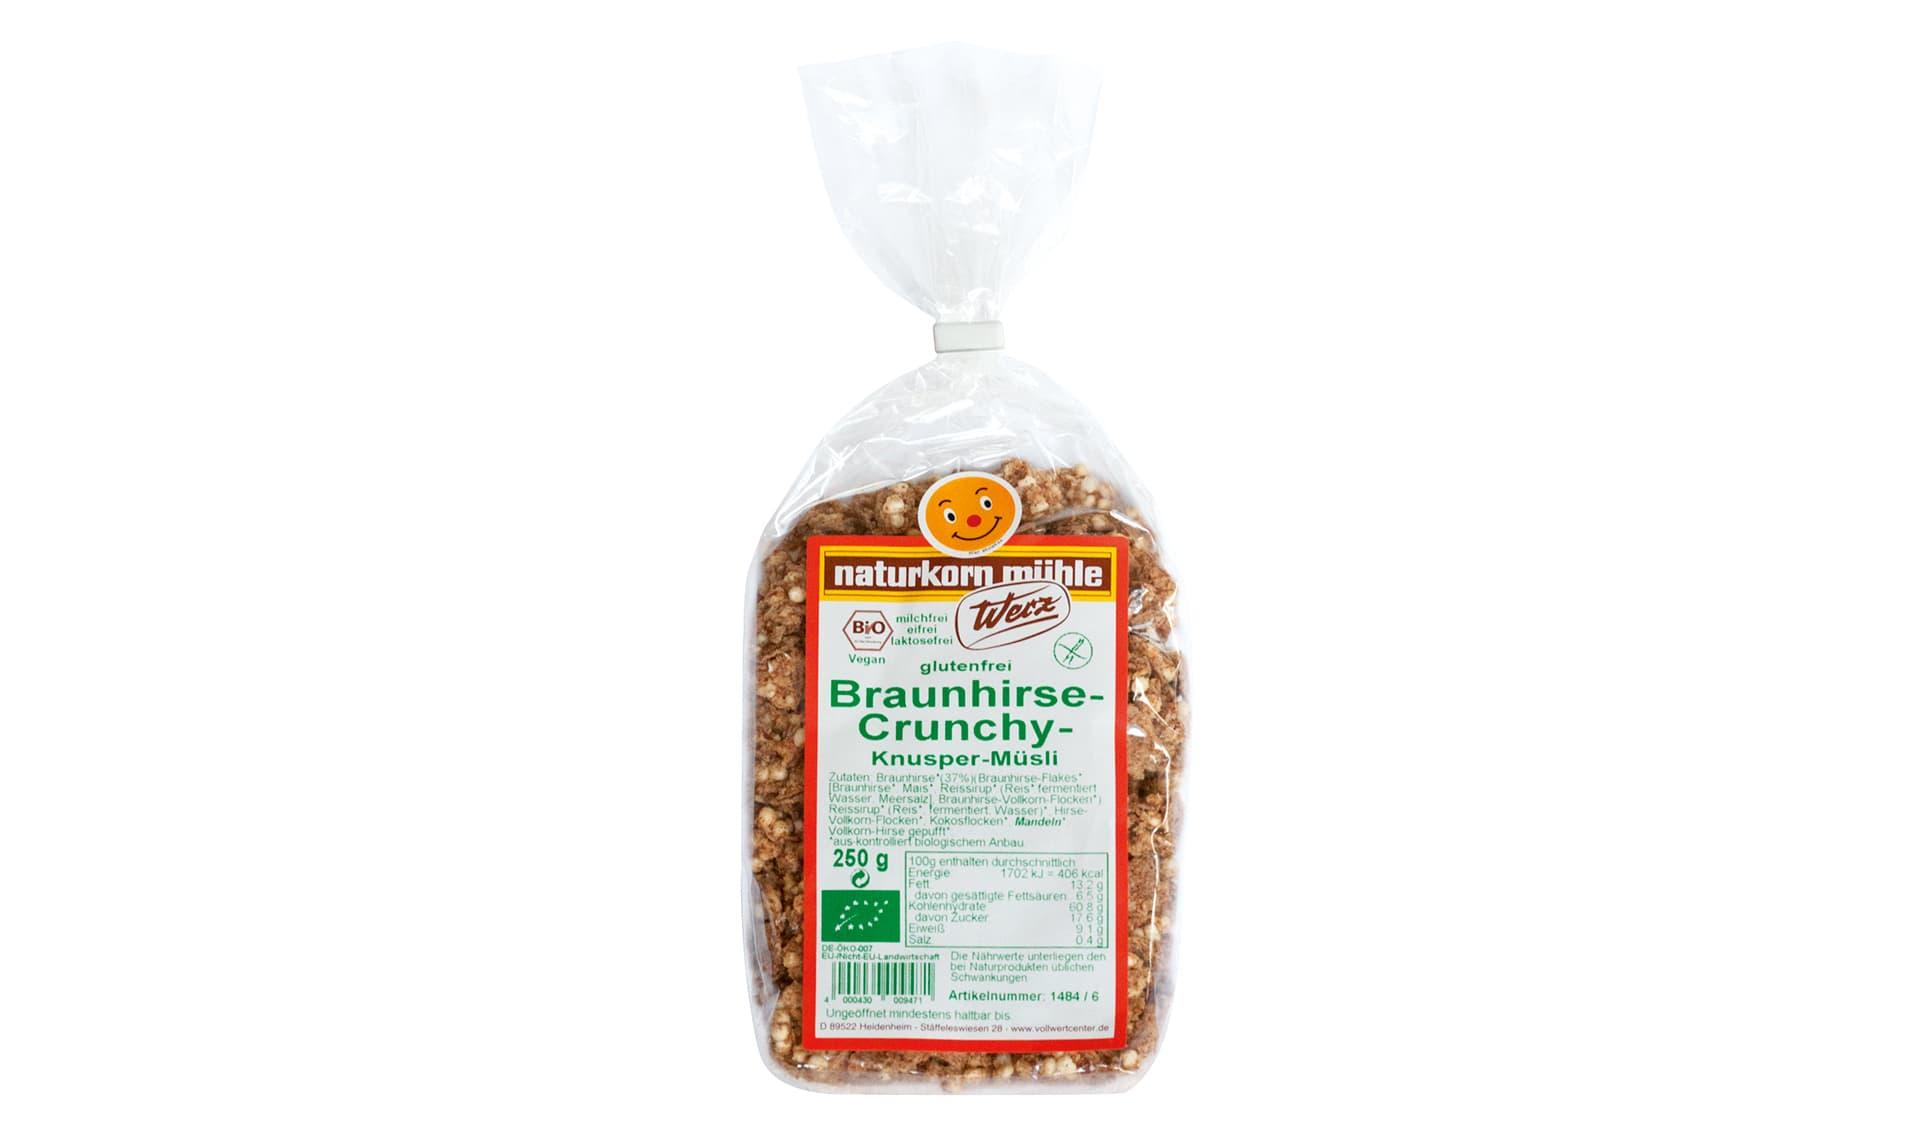 Werz (www.werz.bio) Braunhirse-Crunchy, Knusper-Müsli